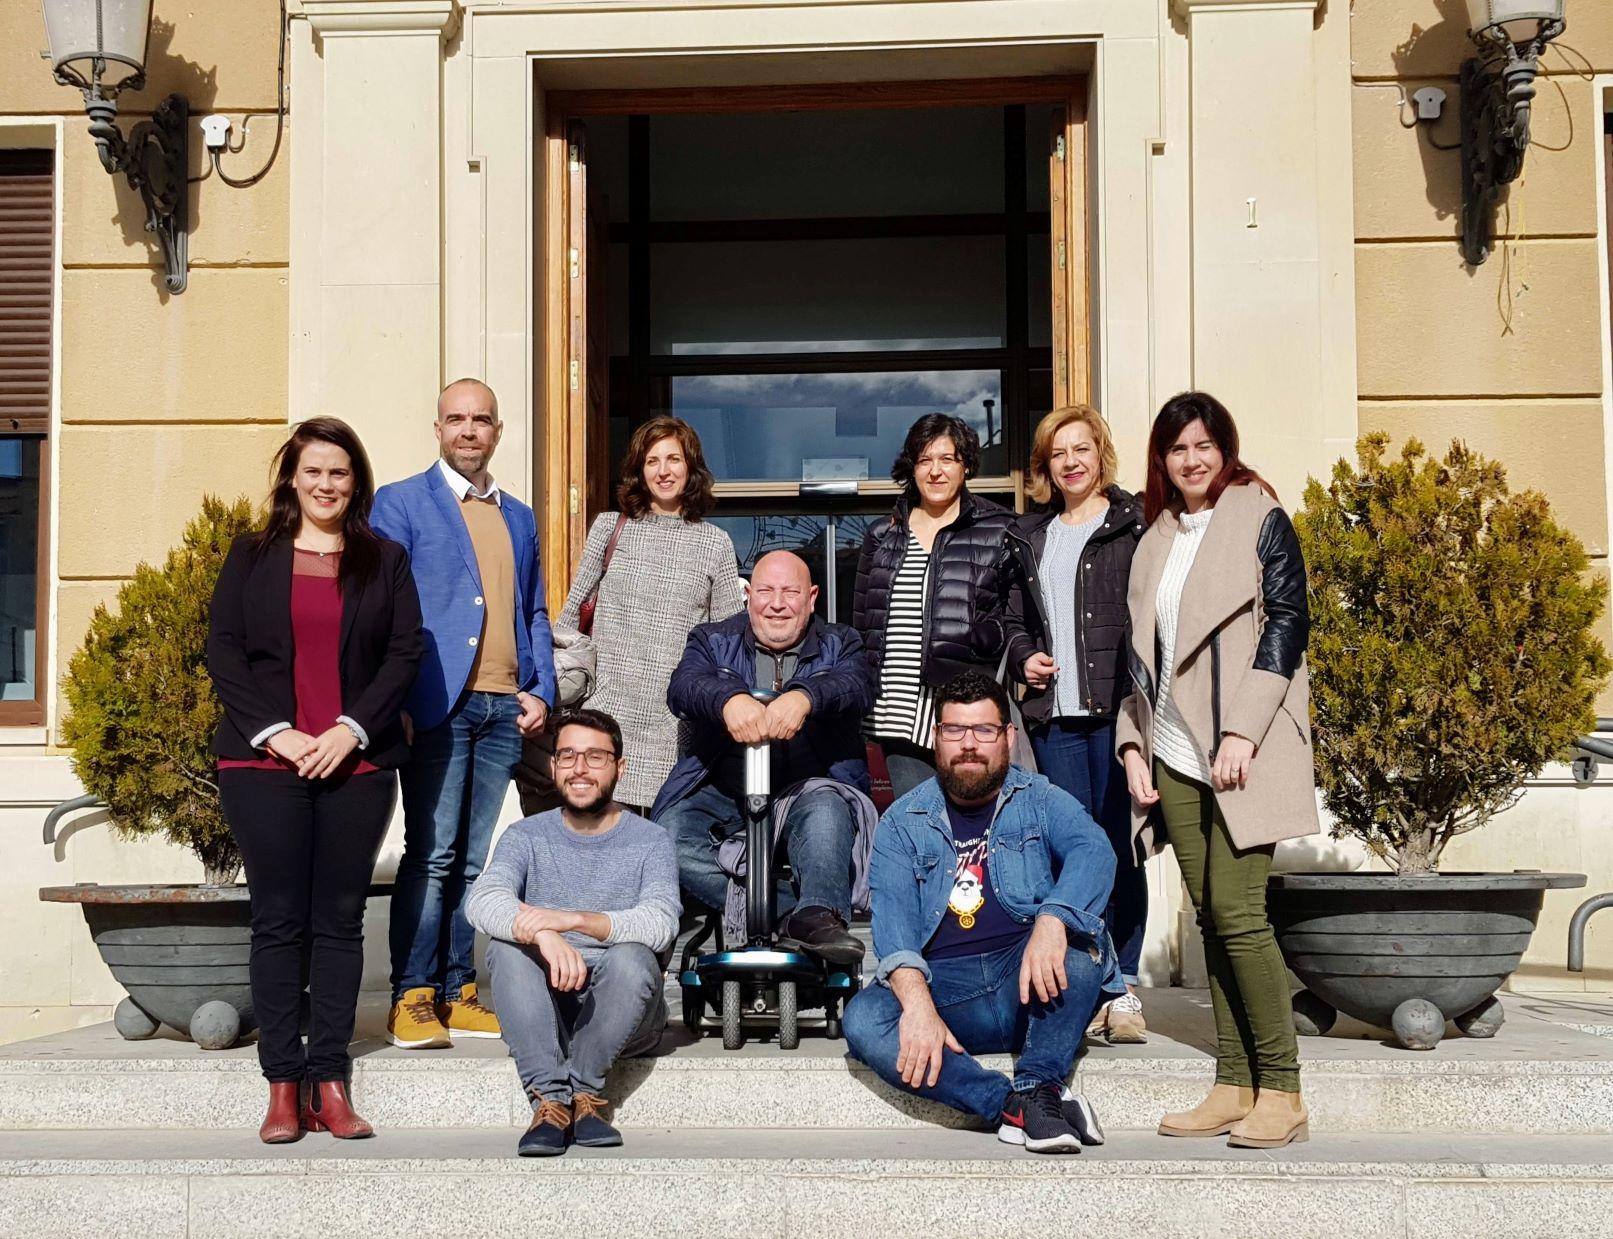 El Ayuntamiento de Elda conmemora el Día de las Personas con Discapacidad con actividades como rutas turísticas accesibles e inclusivas